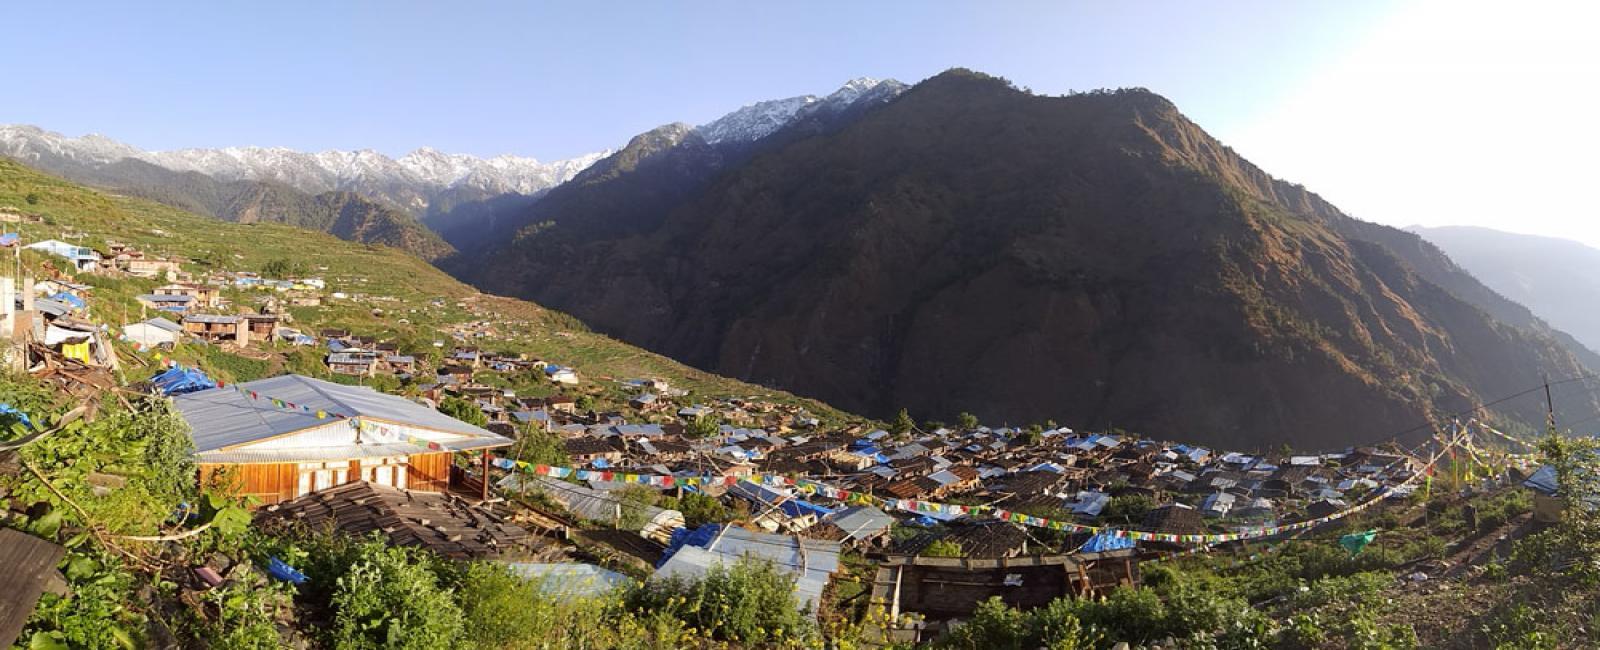 Vallee de Tamang